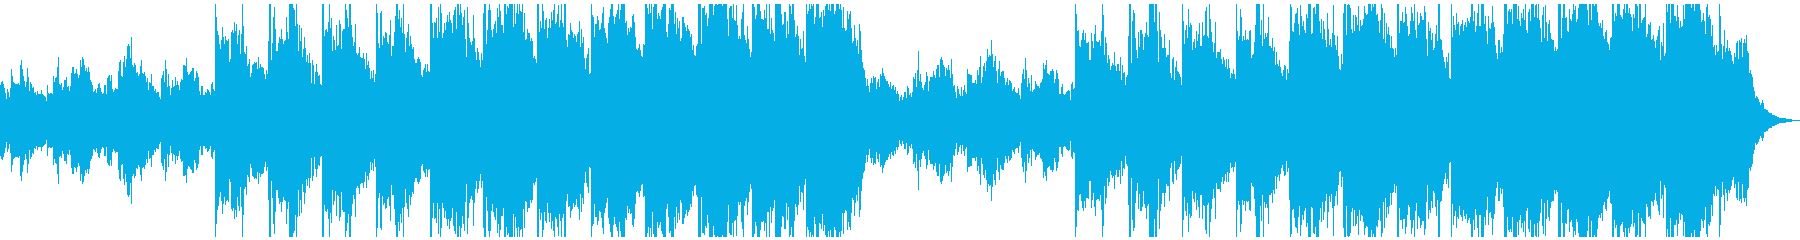 コーポレート 感情的 バラード ピ...の再生済みの波形